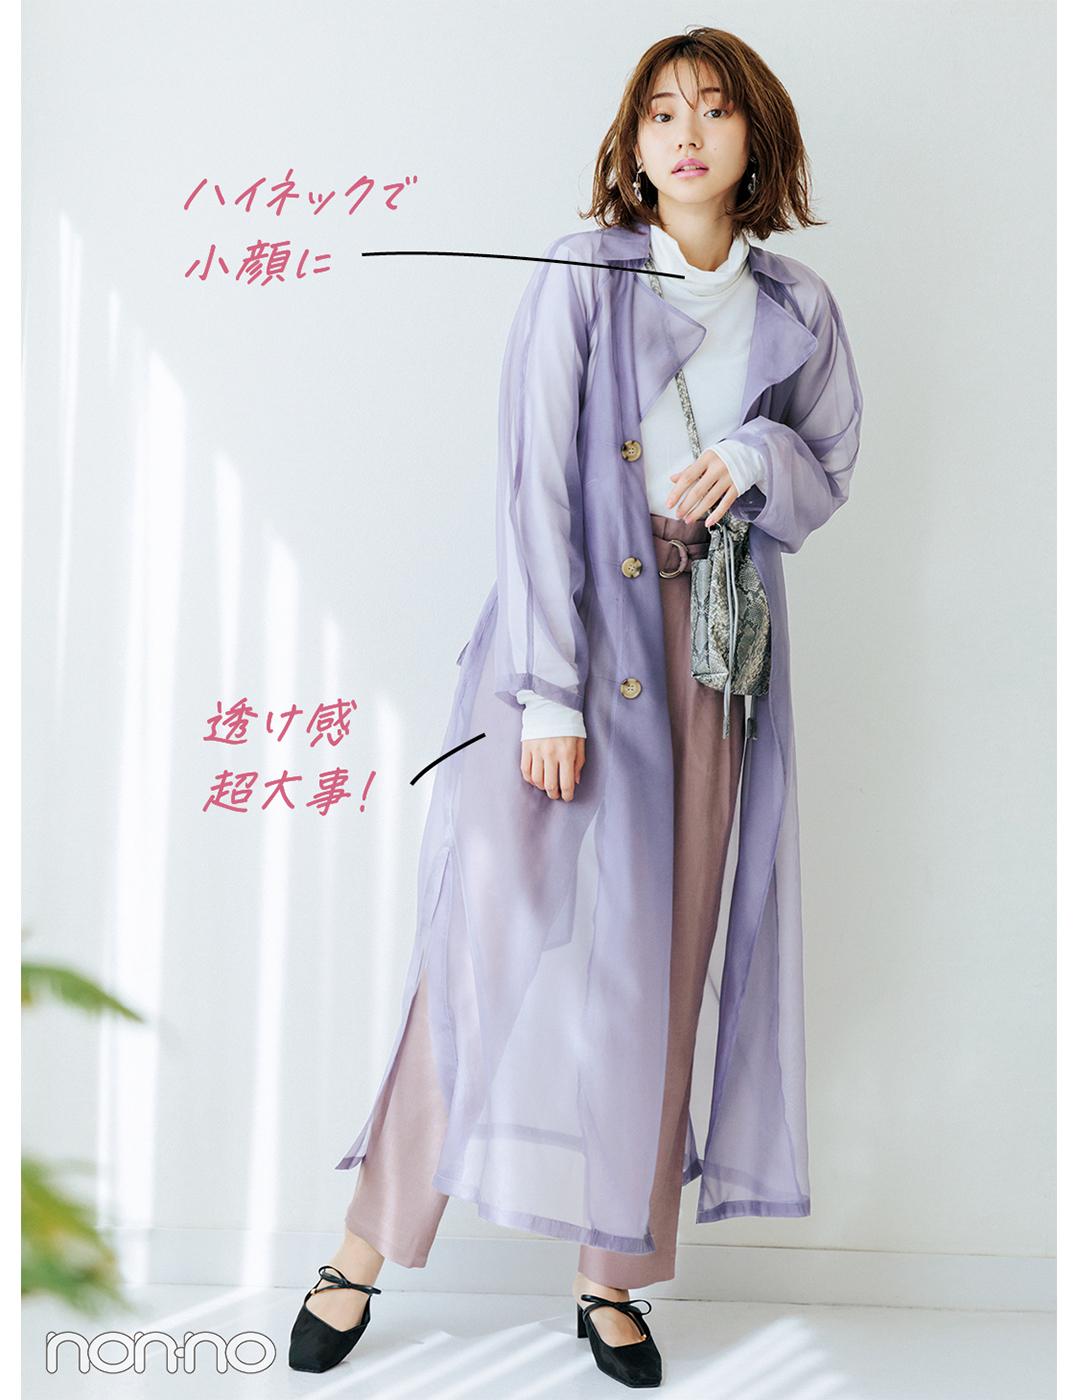 新木優子はトレンドのカラーパンツで大人可愛く!【毎日コーデ】_1_2-2